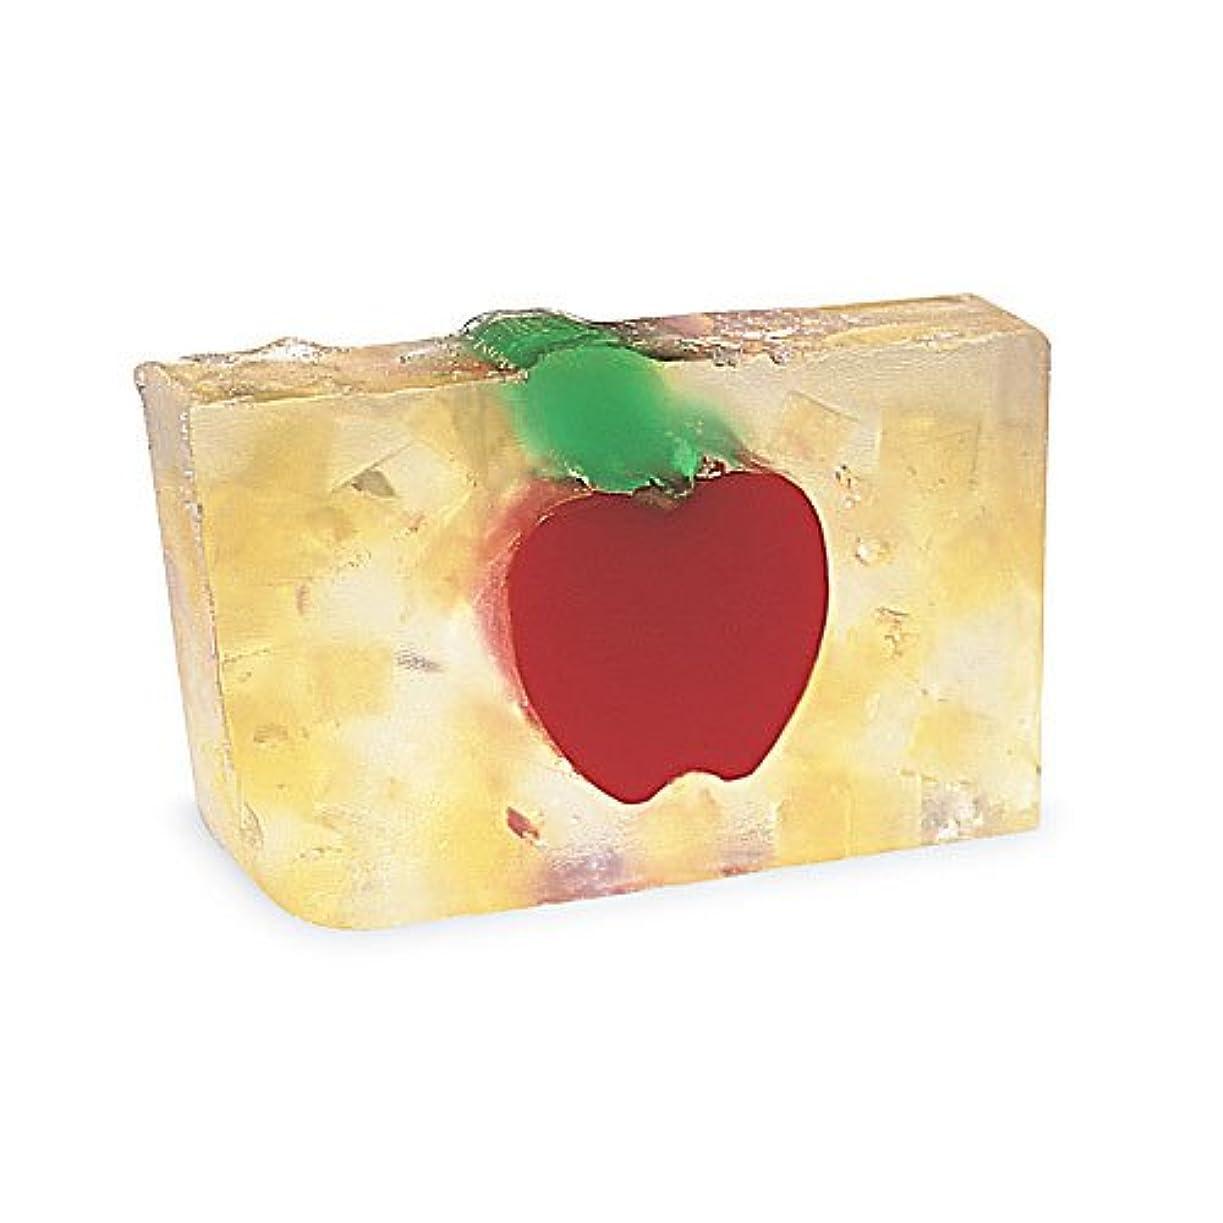 レモンマーベルかわいらしいプライモールエレメンツ アロマティック ソープ ビッグアップル 180g 植物性 ナチュラル 石鹸 無添加